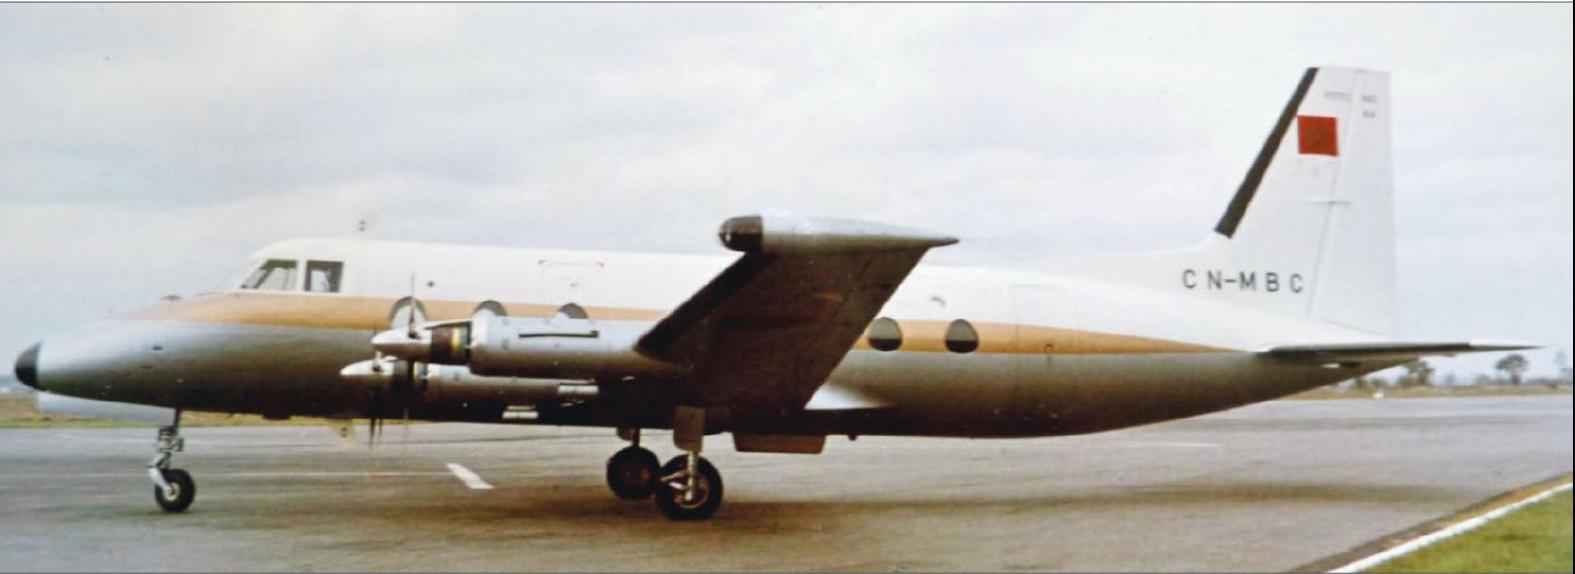 FRA: Photos anciens avions des FRA - Page 13 Cn-mbc10